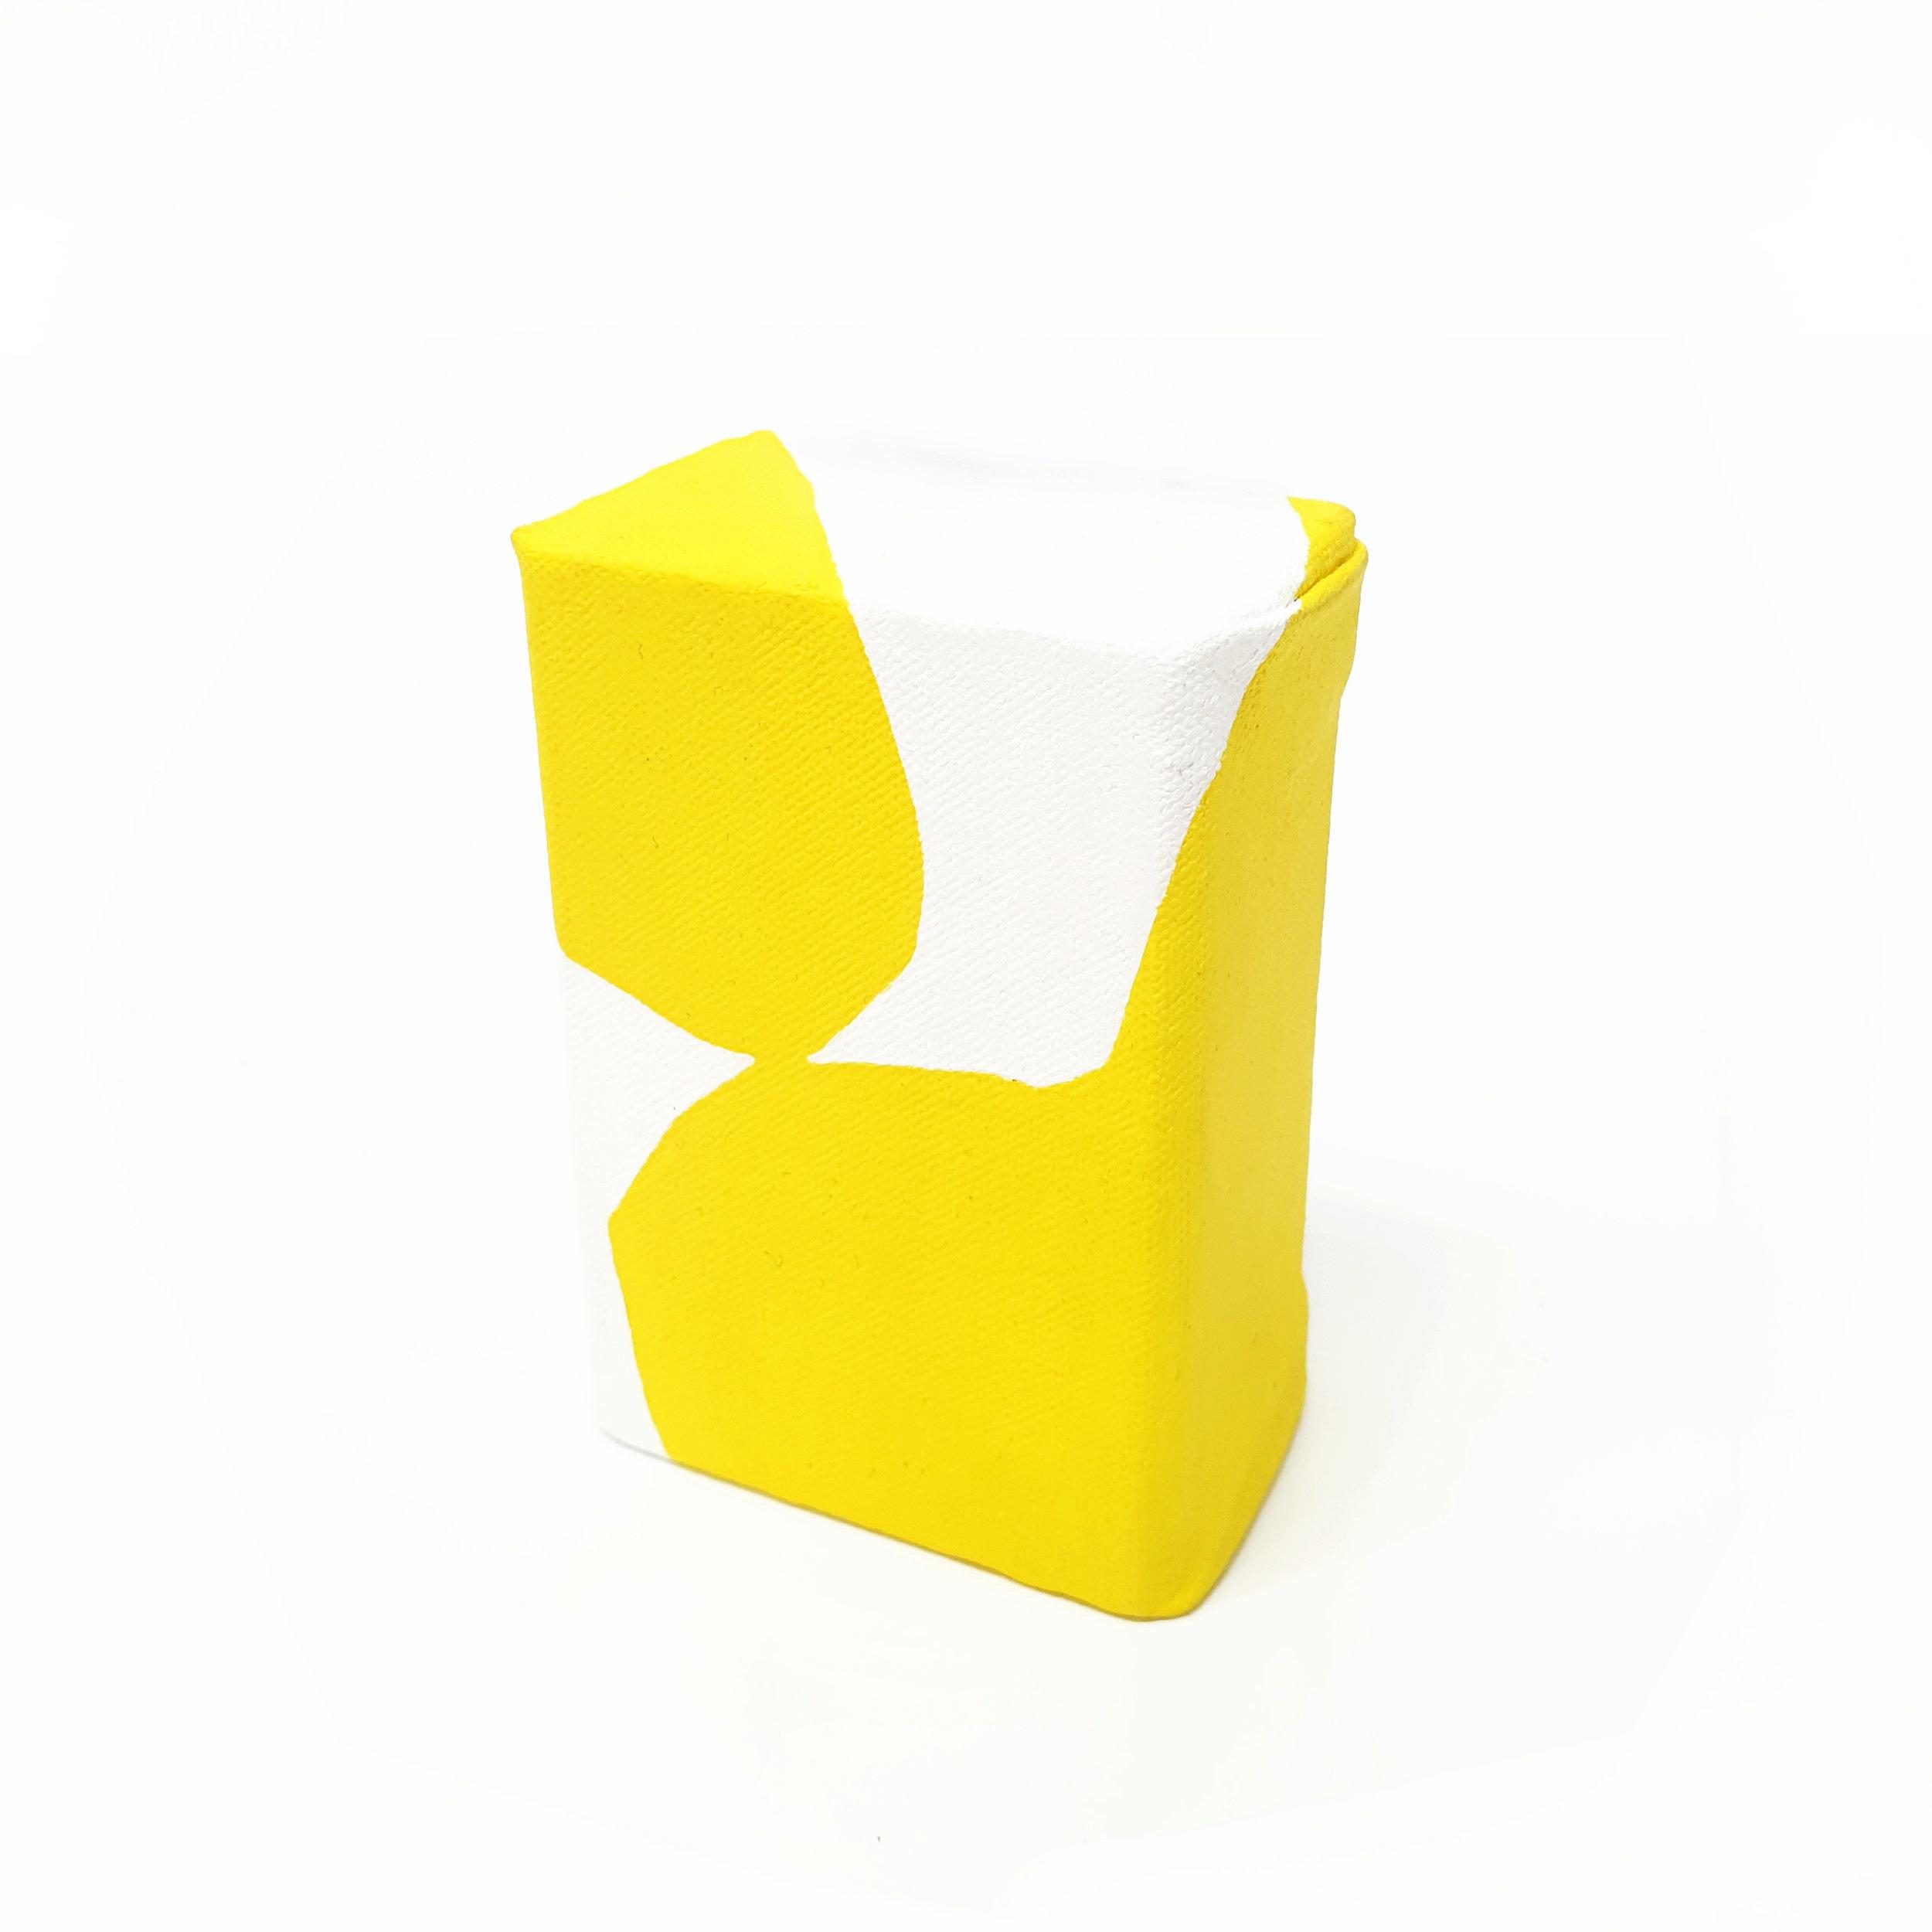 Untitled (Yellow & White Study)